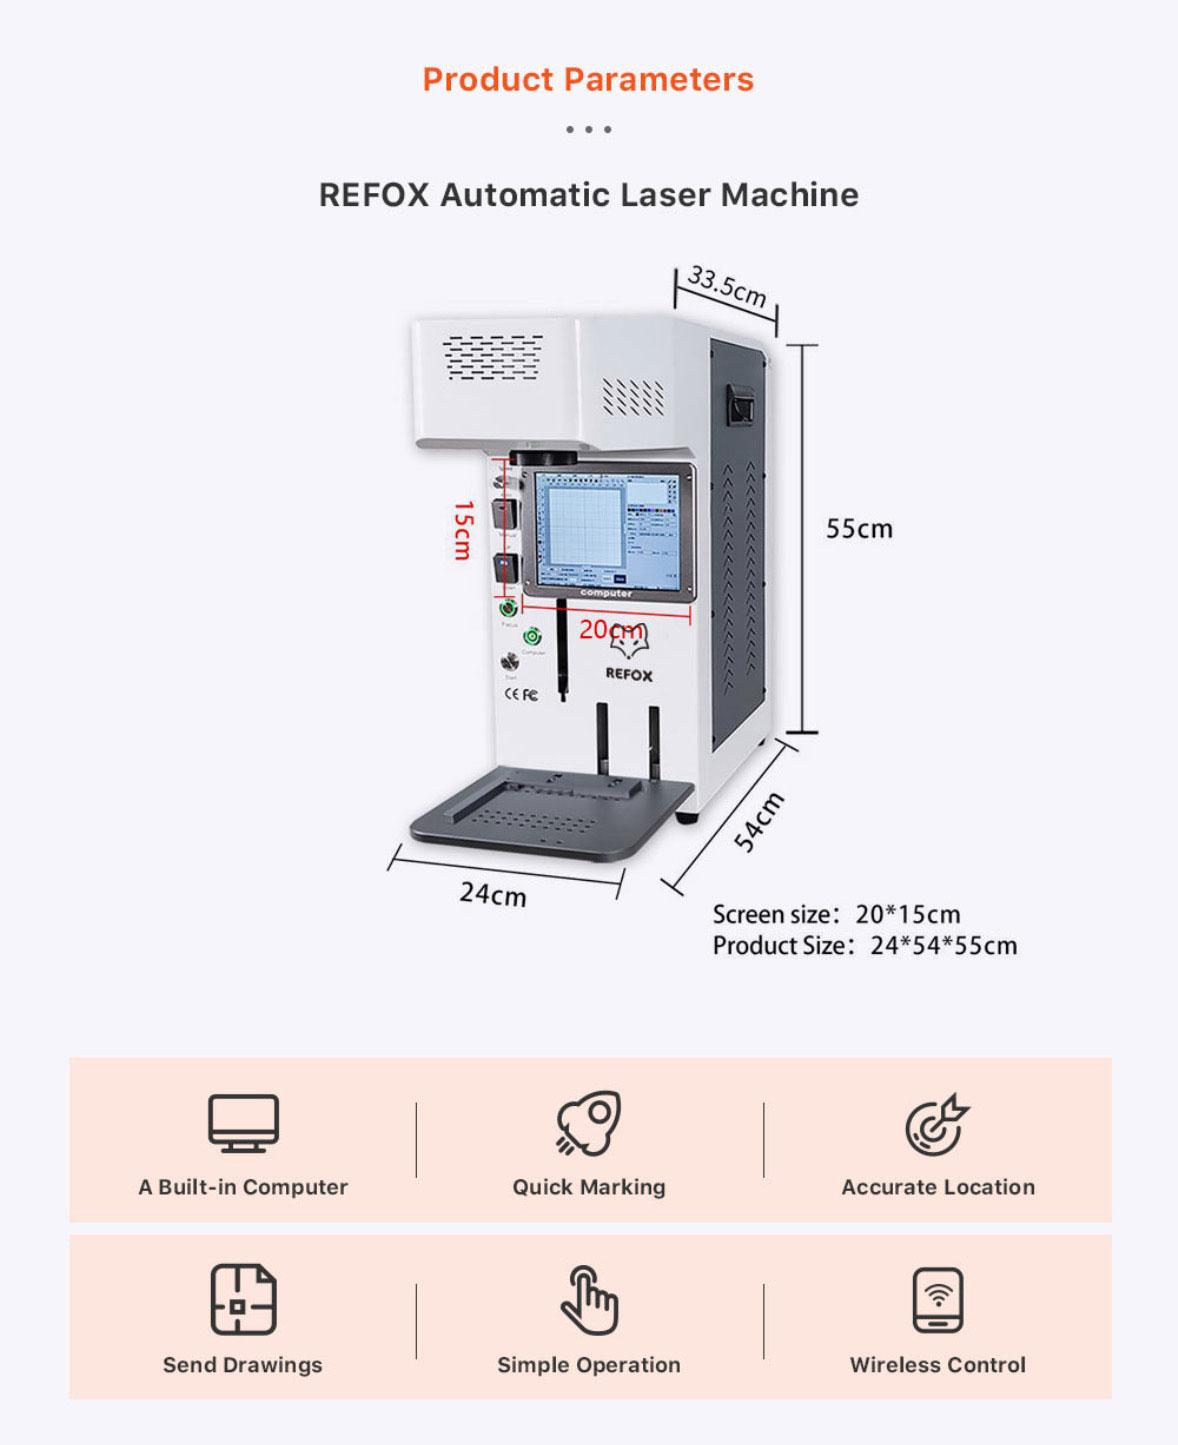 REFOX Laser Marking Machine